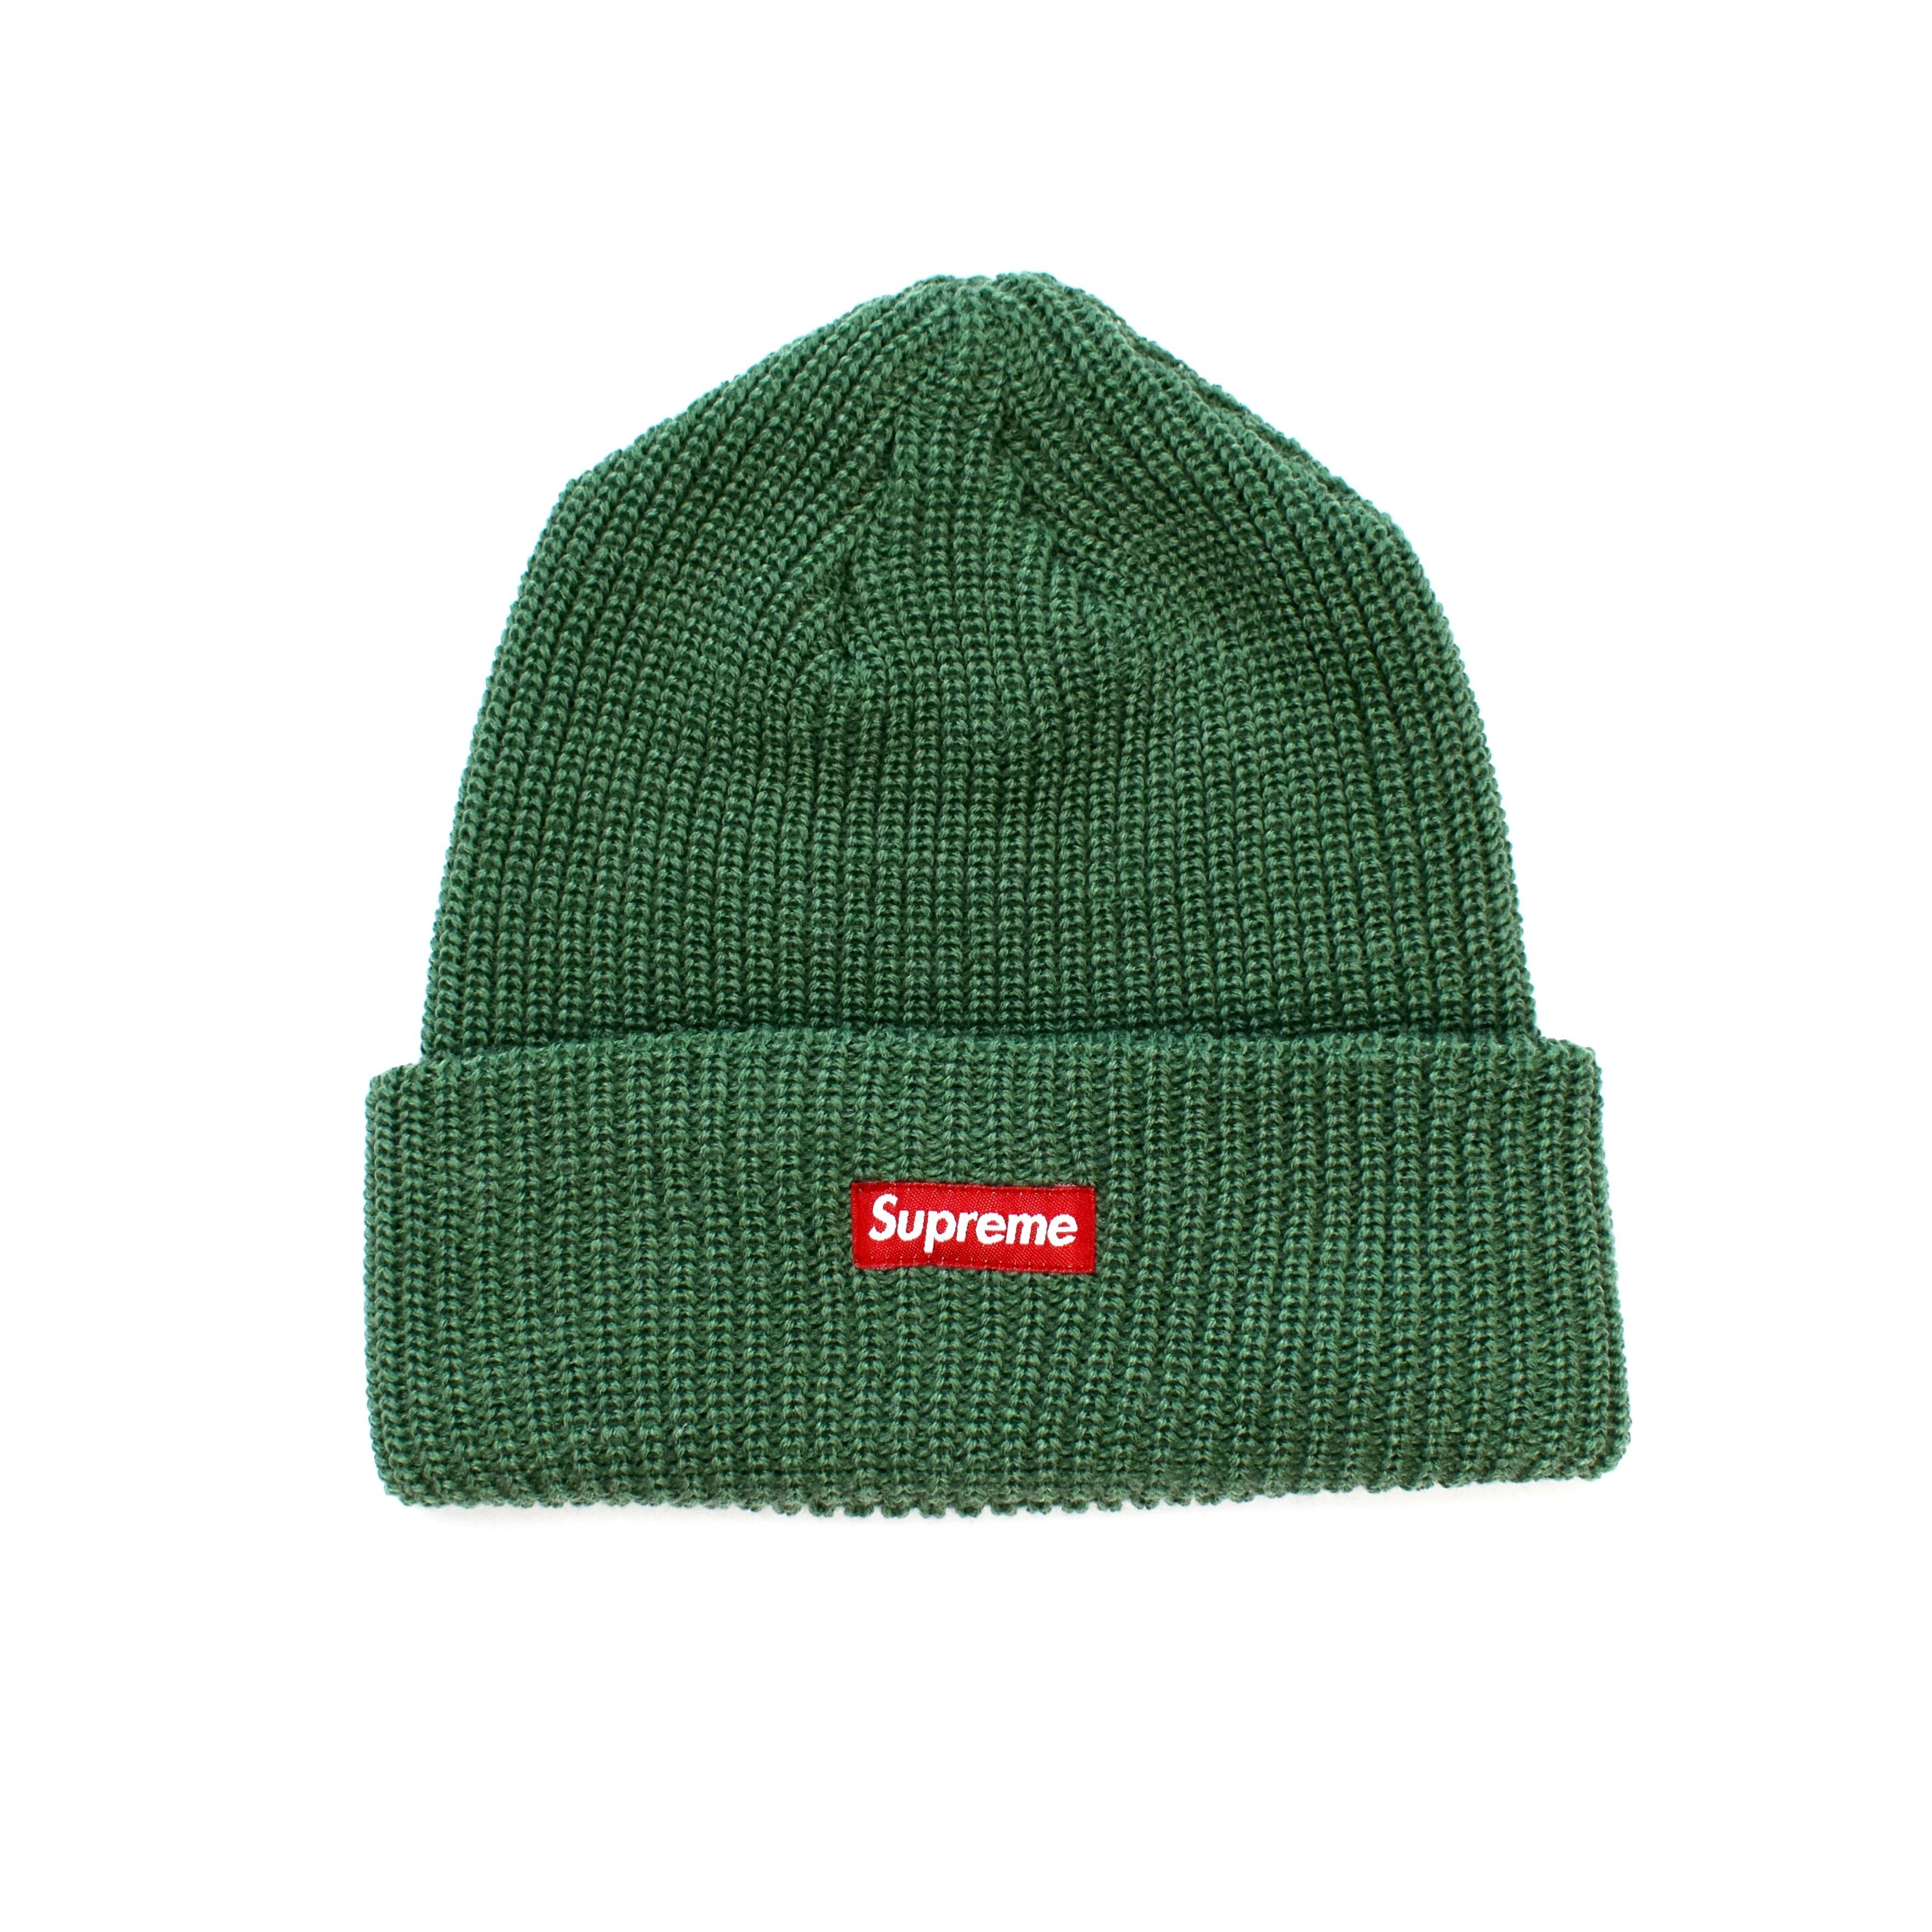 43b3f971 Supreme Green Box Logo Beanie Ds | Grailed